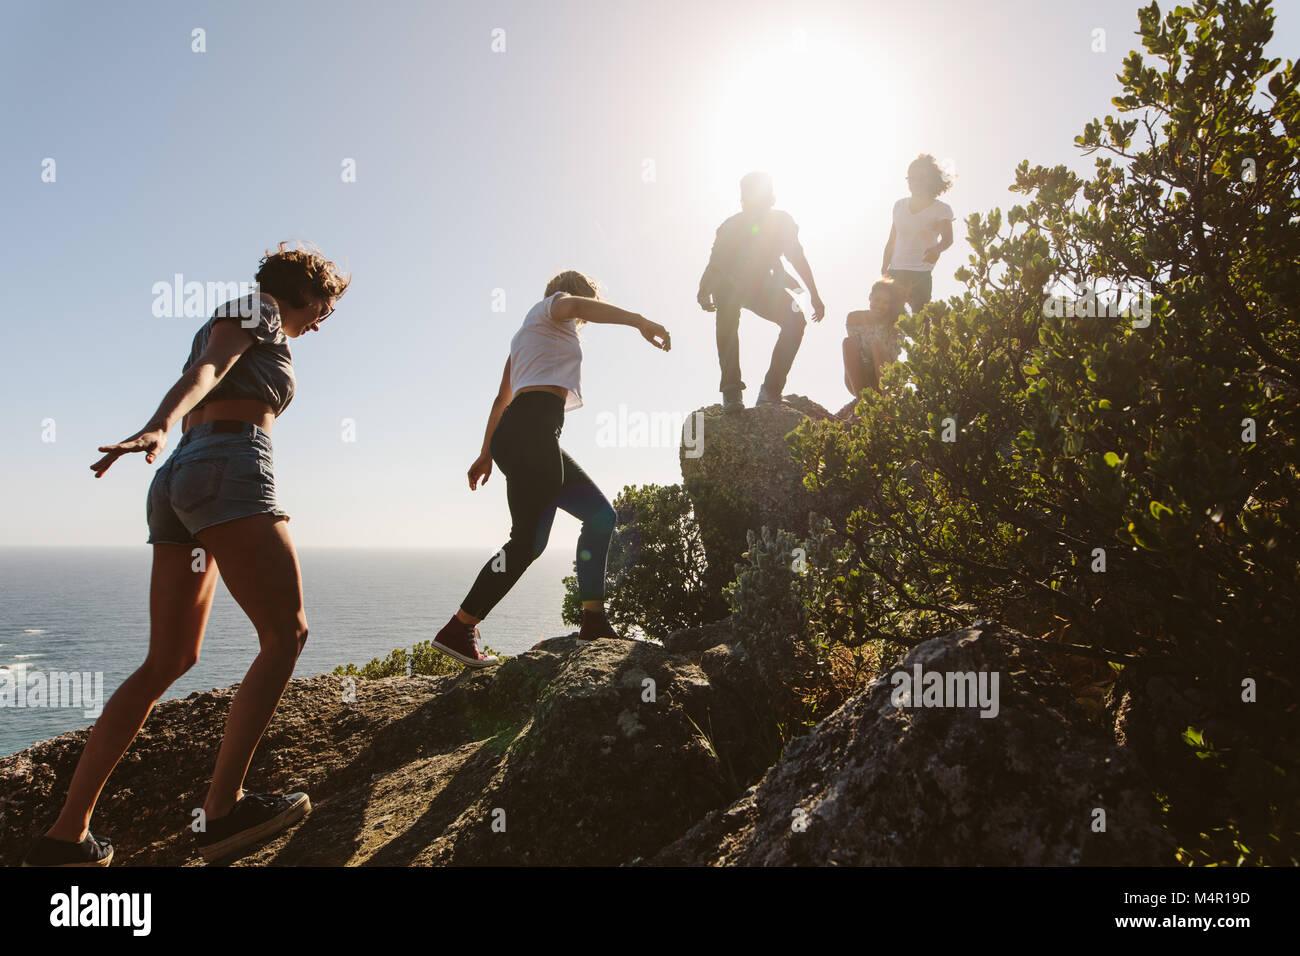 Grupo de amigos en una montaña. Los jóvenes de caminata en un día de verano. Hombres y mujeres escalar Imagen De Stock